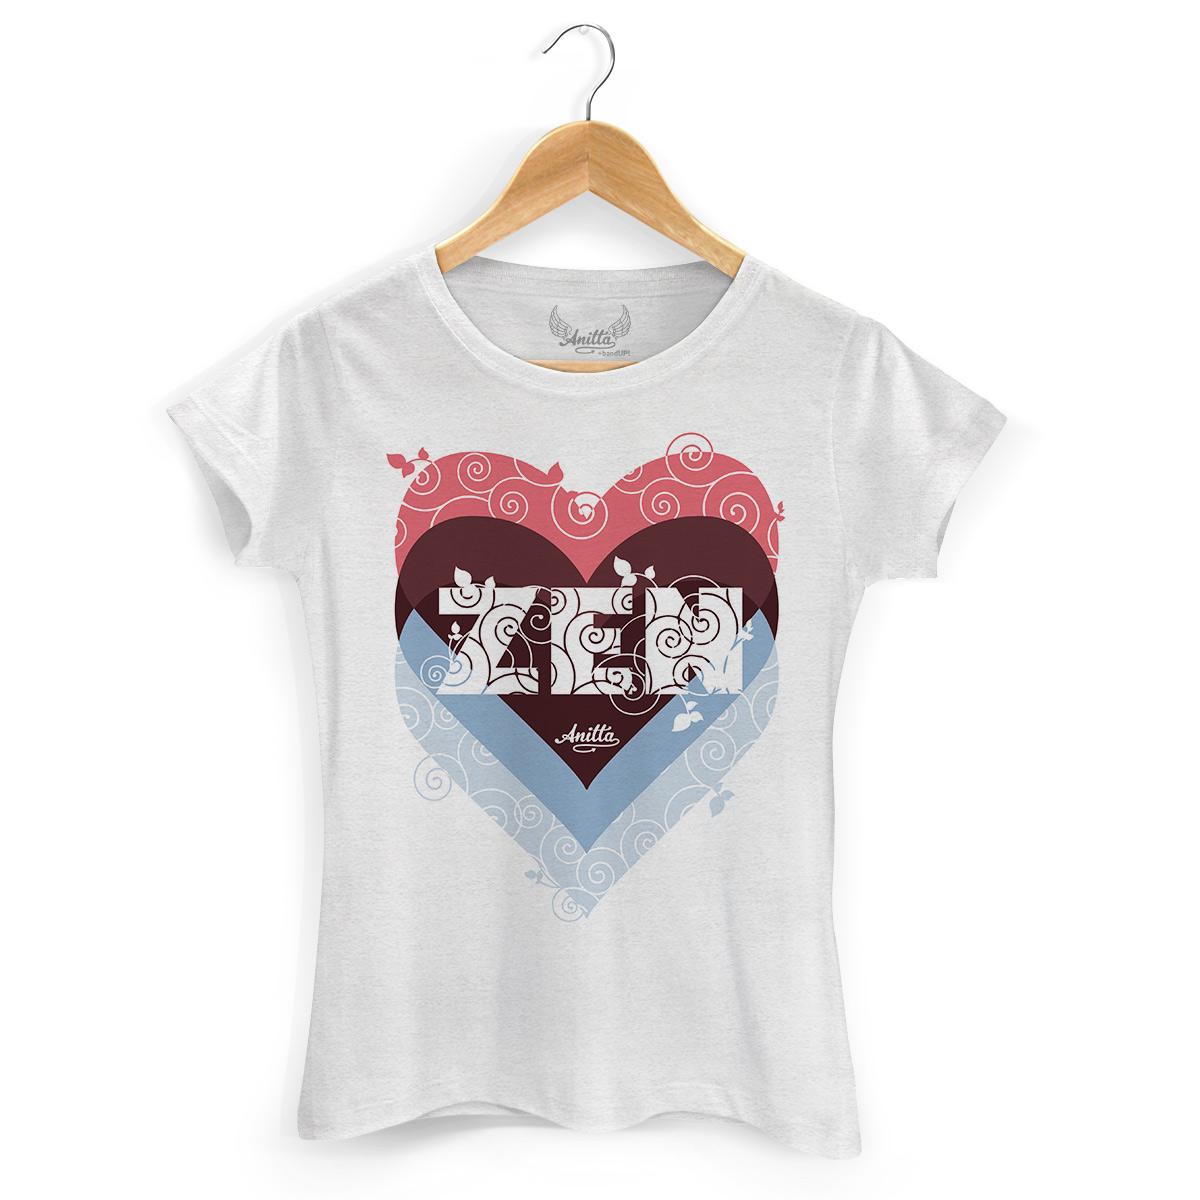 Camiseta Feminina Anitta Zen